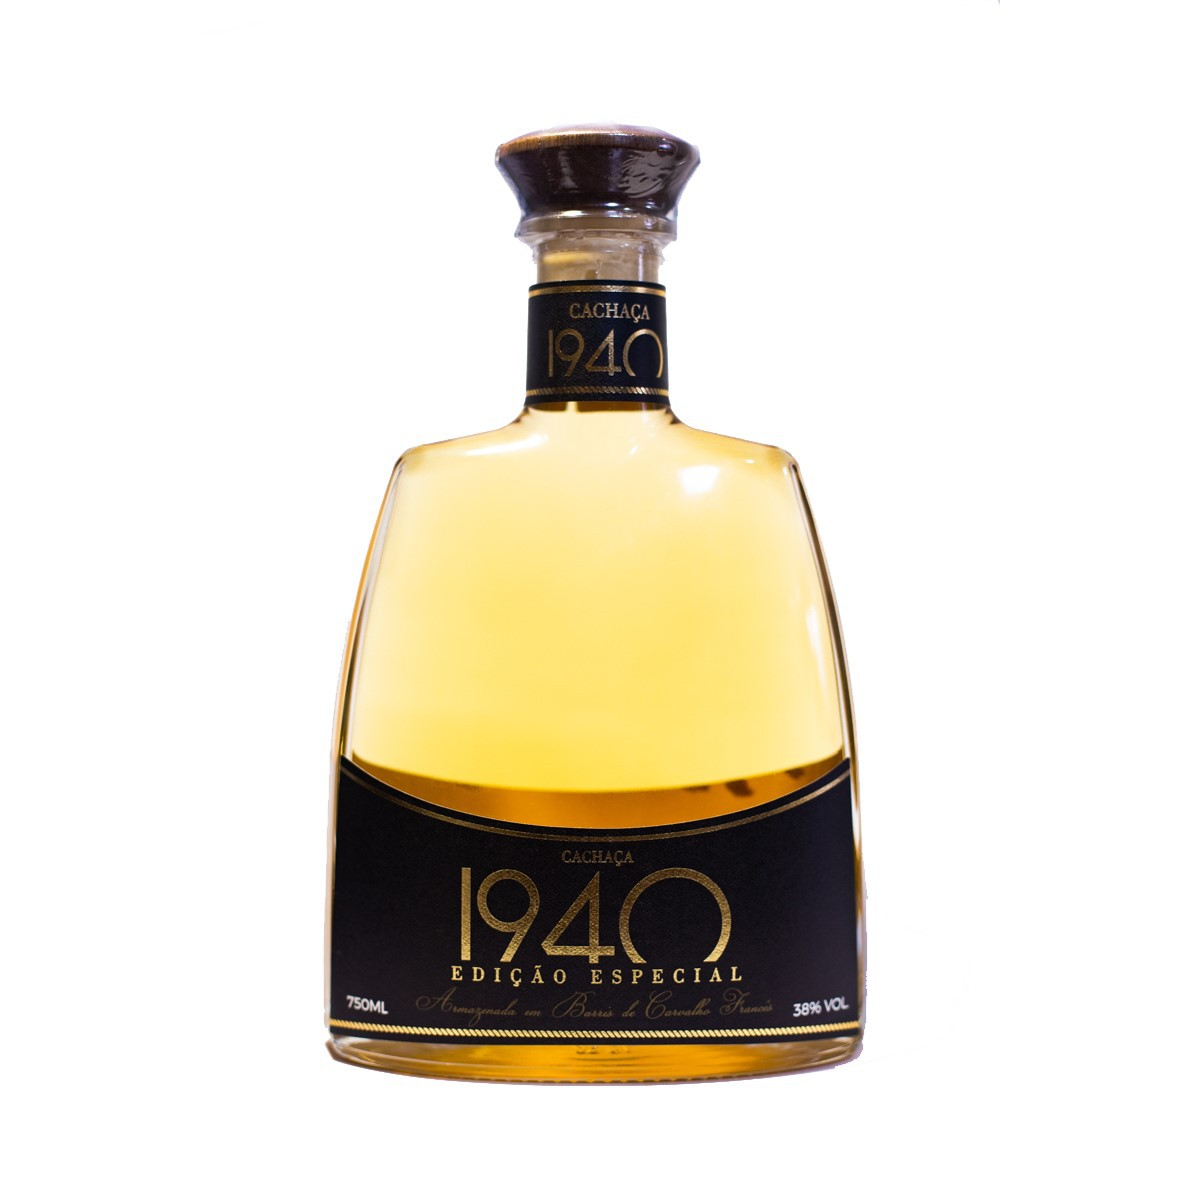 Cachaça Ouro - Edição Especial 1940 -10 anos - Tessarollo - 700 ml